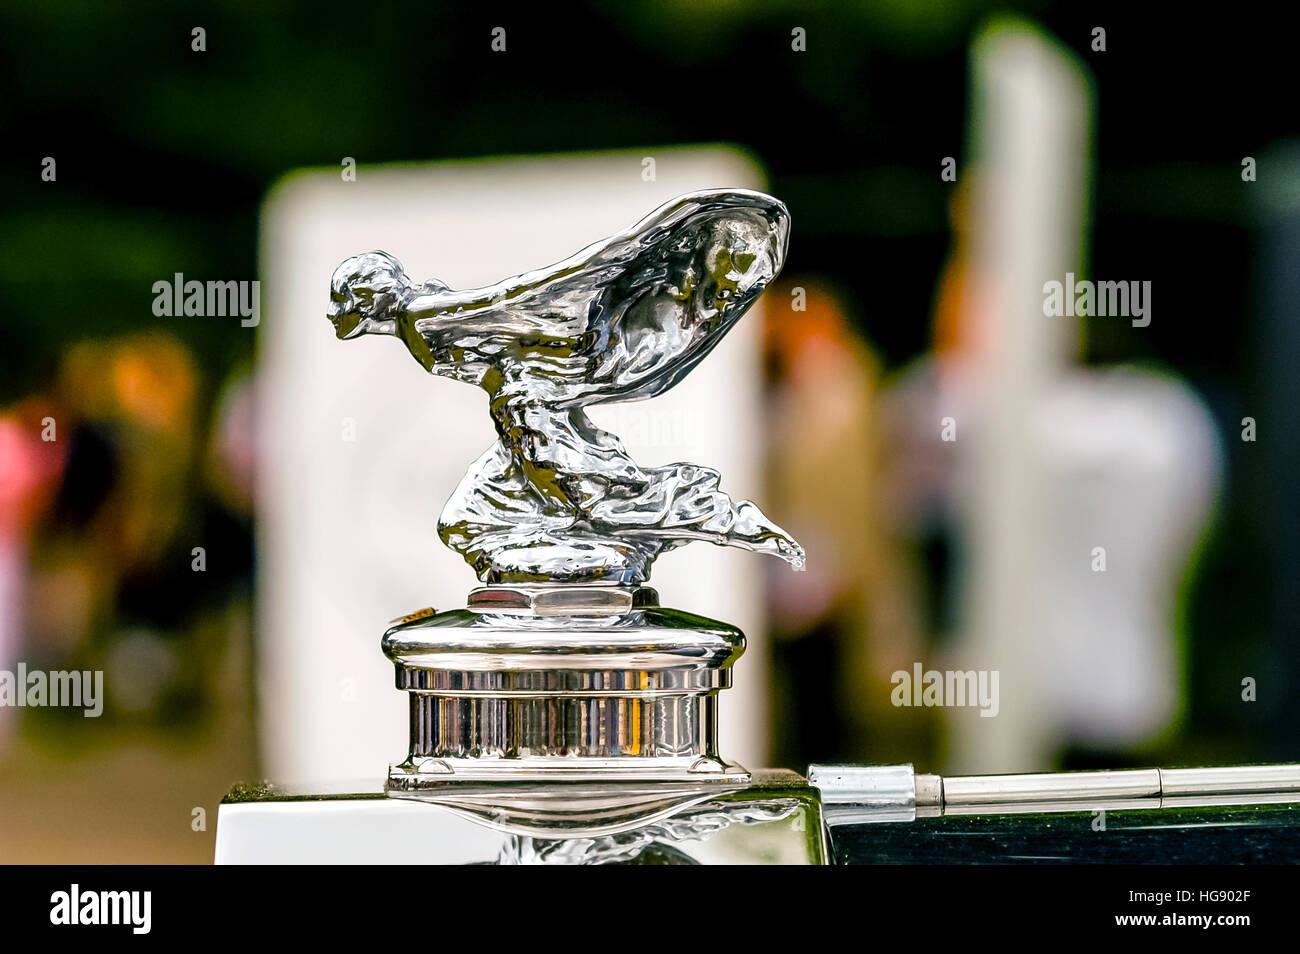 Le symbole d'une Rolls Royce Motor car, l'esprit de l'Ecstacy Photo Stock